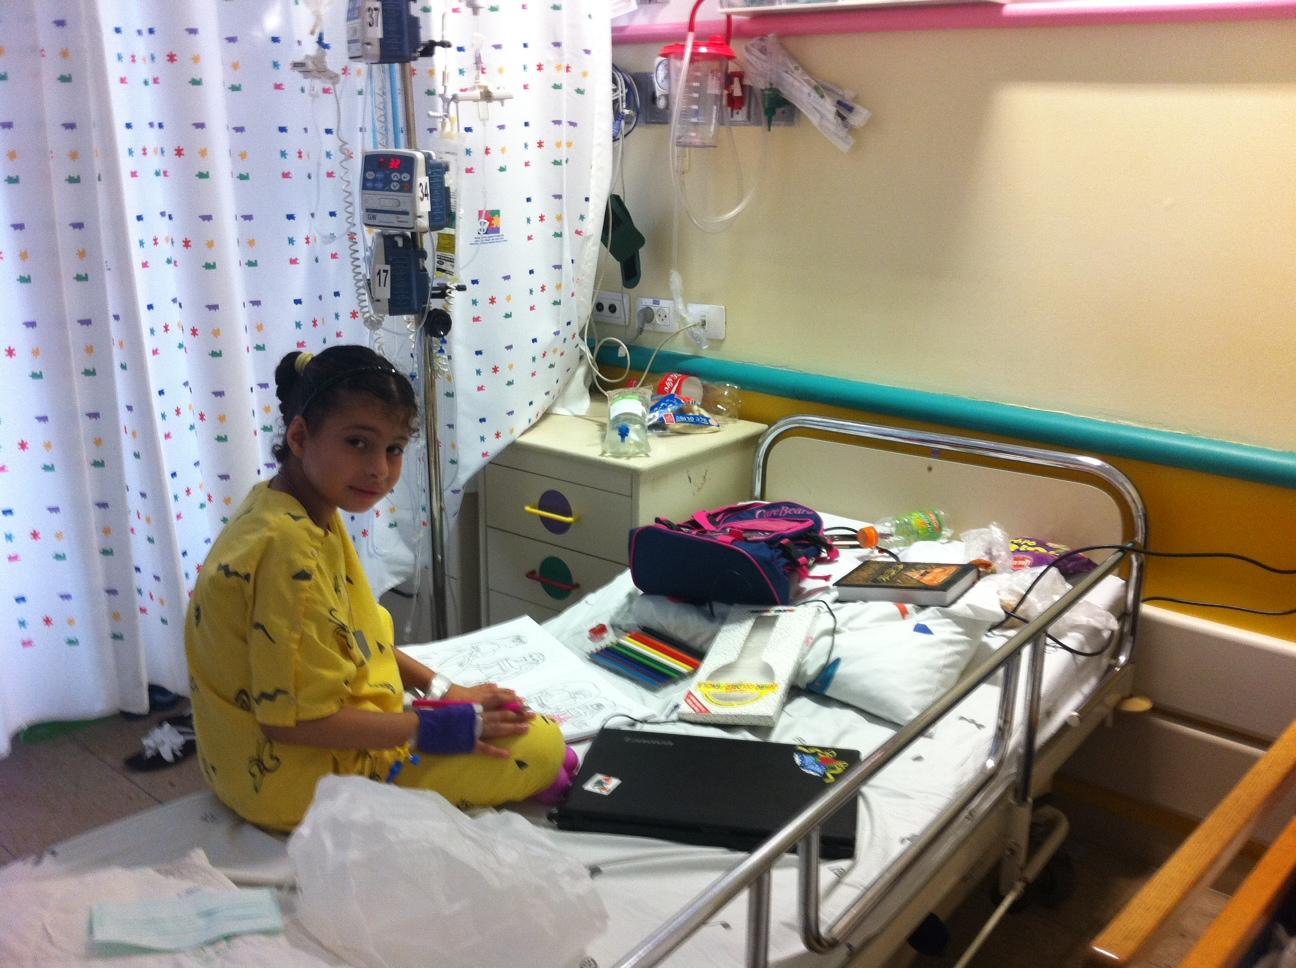 مرضى السرطان من جانبي الخط الأخضر: أطفال يتحدون الموت بعنادهم وأهل يفتقدون للأطر الداعمة